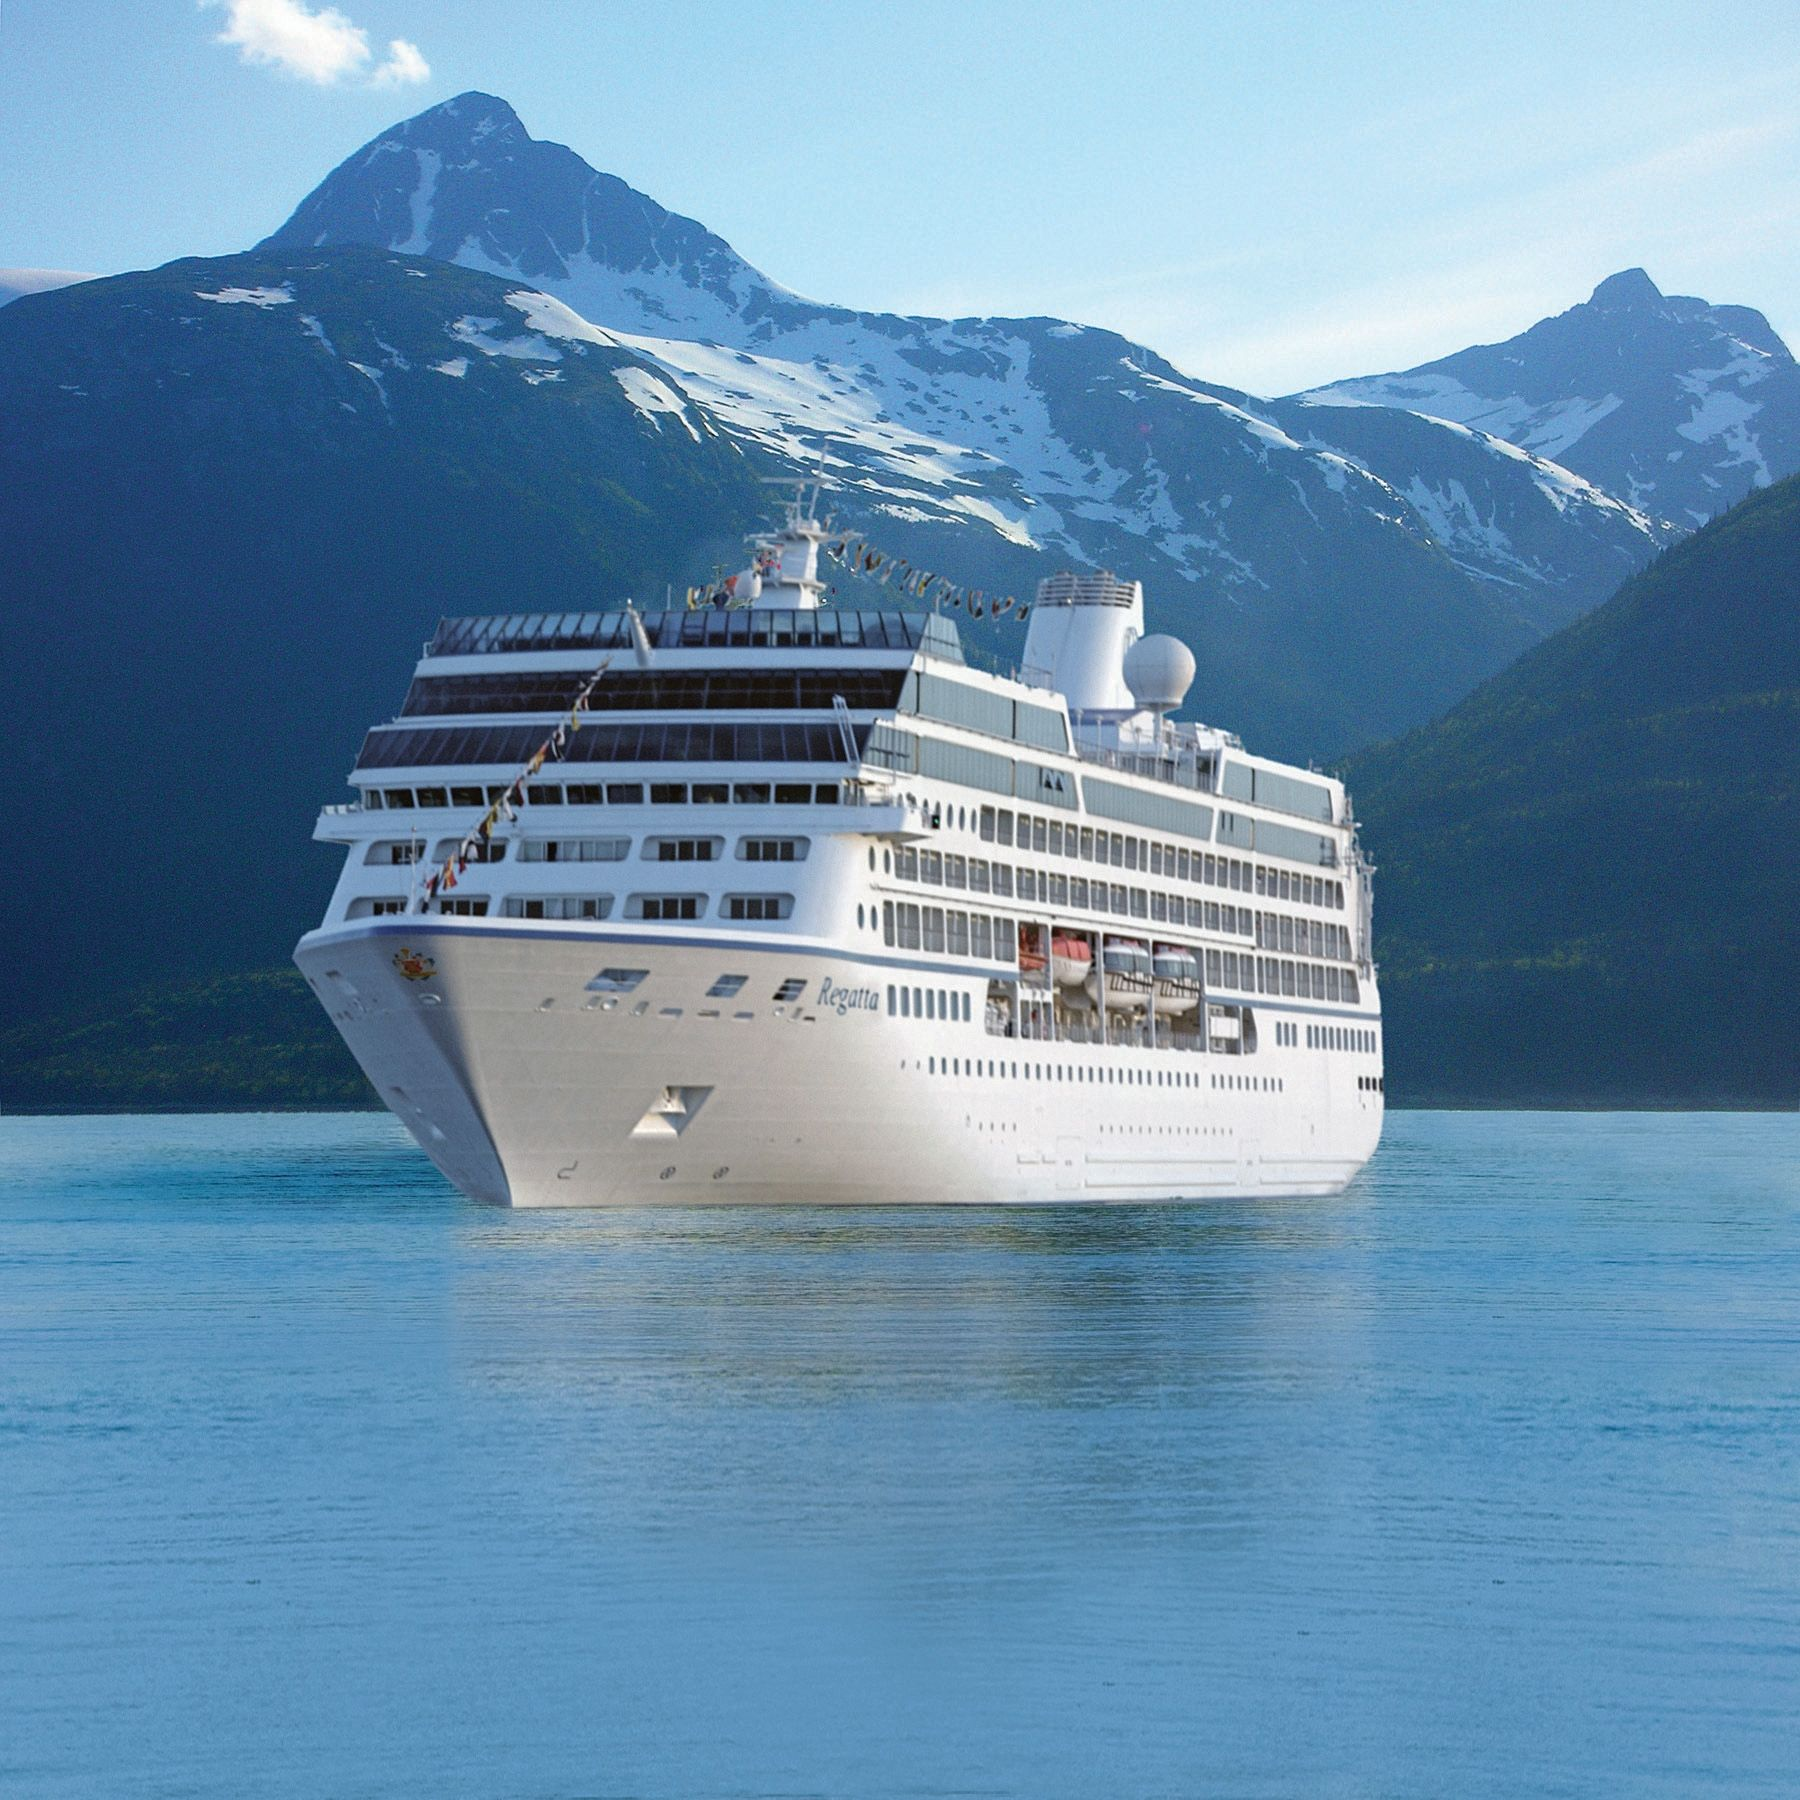 Regatta Oceania Cruises Cruzeiros Oceania My Favorite Cruise - Oceania regatta cruise ship